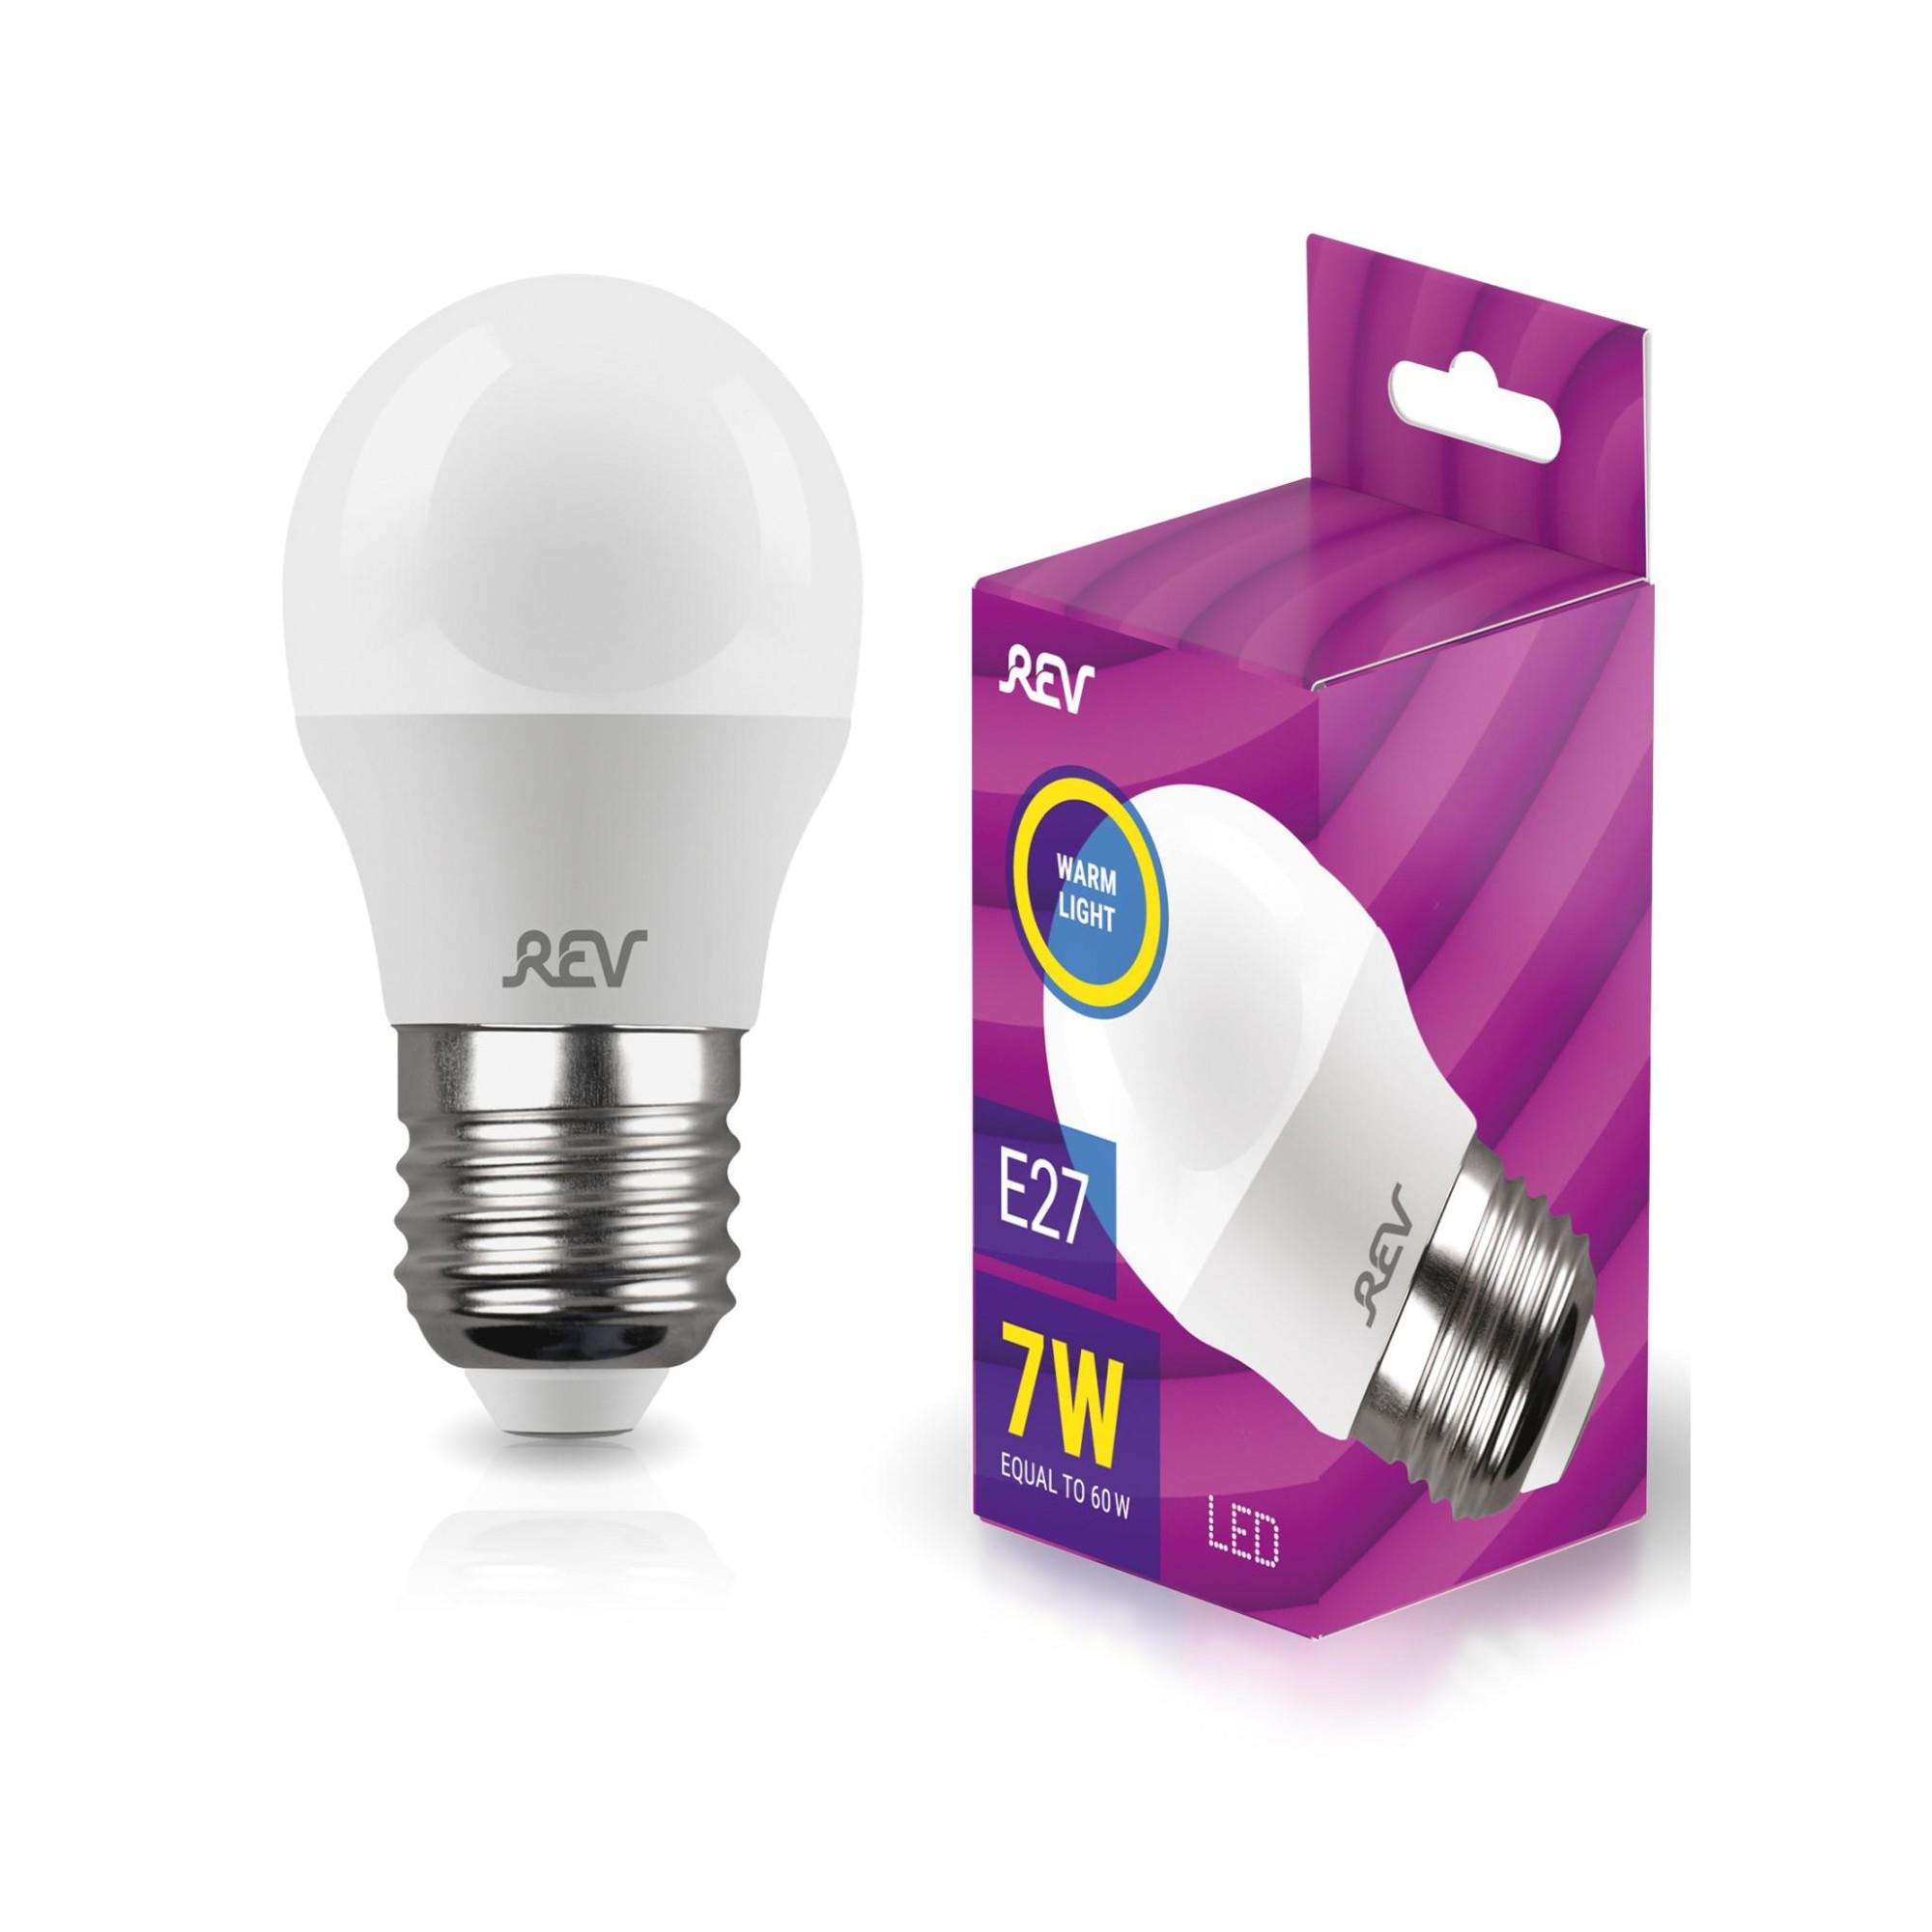 Лампа светодиодная (комплект 5 шт.) REV G45 Е27 7W 2700K 32342 6